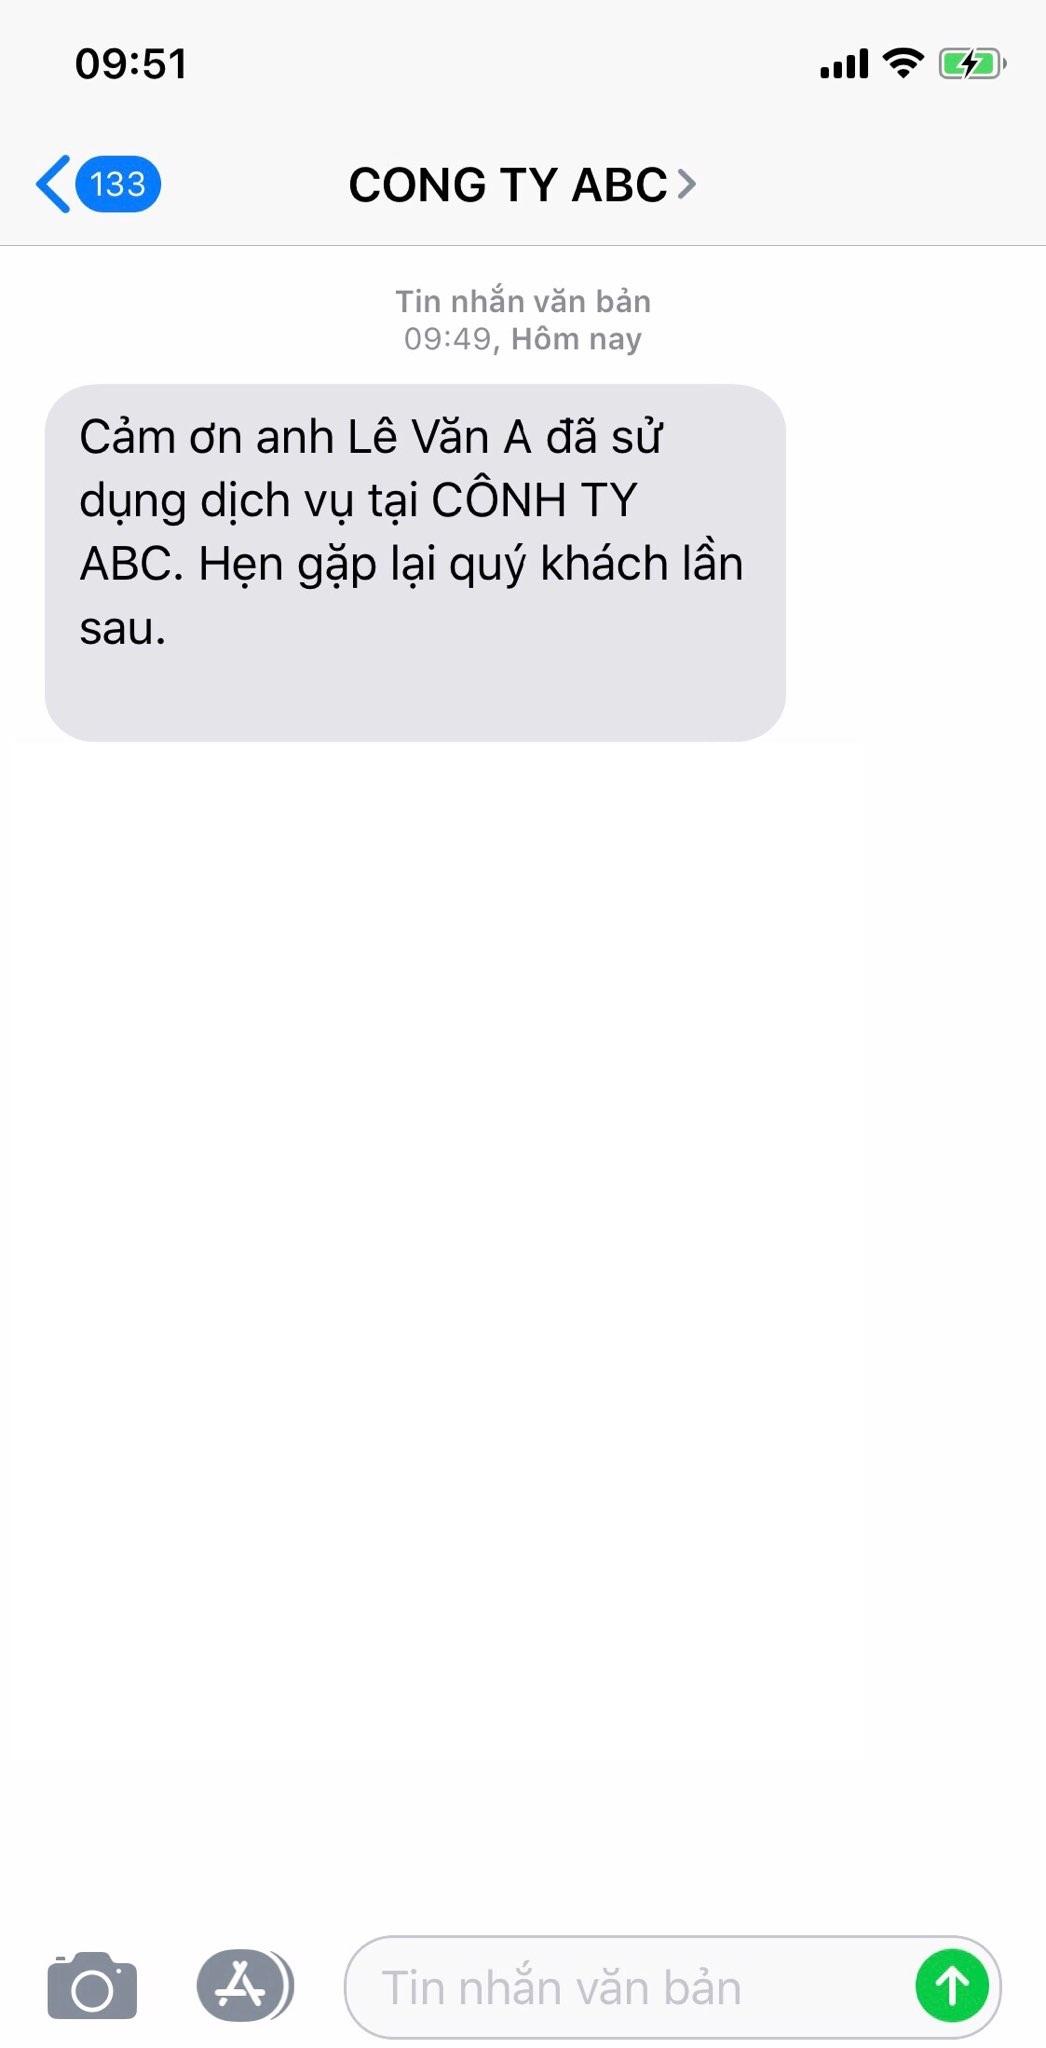 Gửi tin nhắn SMS đến khách hàng bằng tên doanh nghiệp hoặc tên thương hiệu